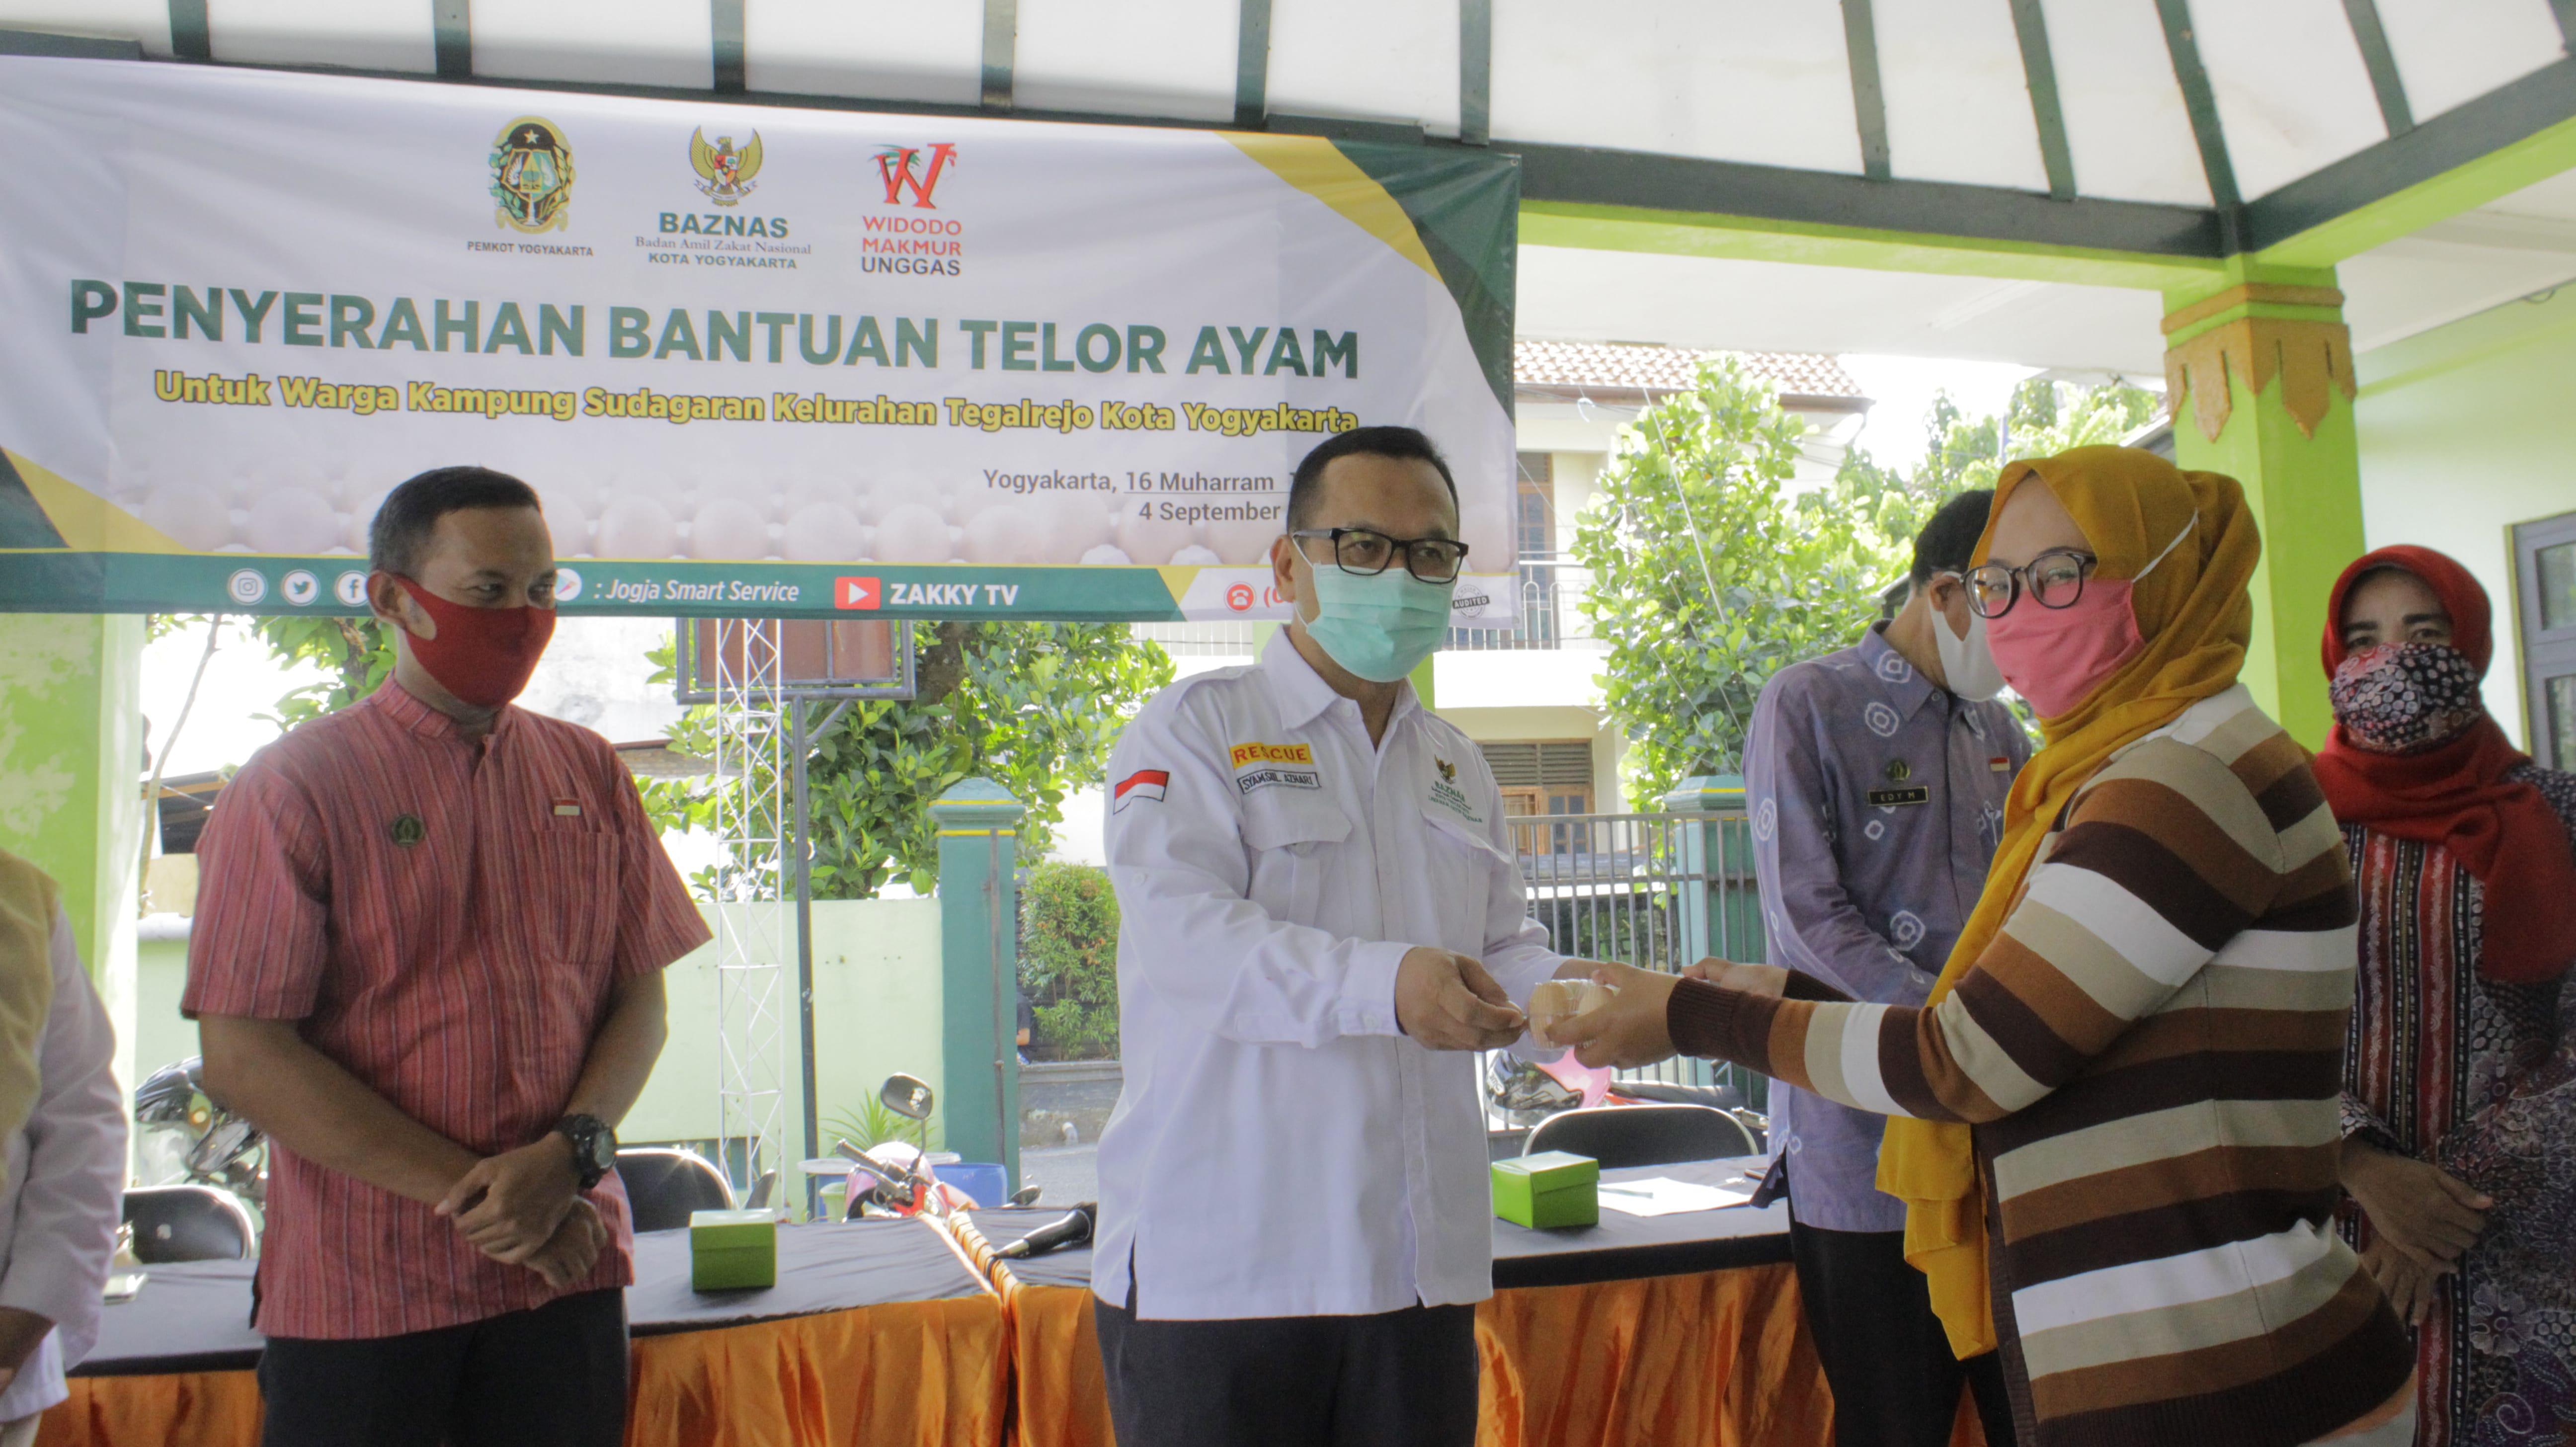 Tingkatkan Imunitas Tubuh pada masa Pandemi Covid-19, BAZNAS Kota Yogyakarta salurkan 5.100 Telur Ayam kepada Warga Tegalrejo Yogyakarta